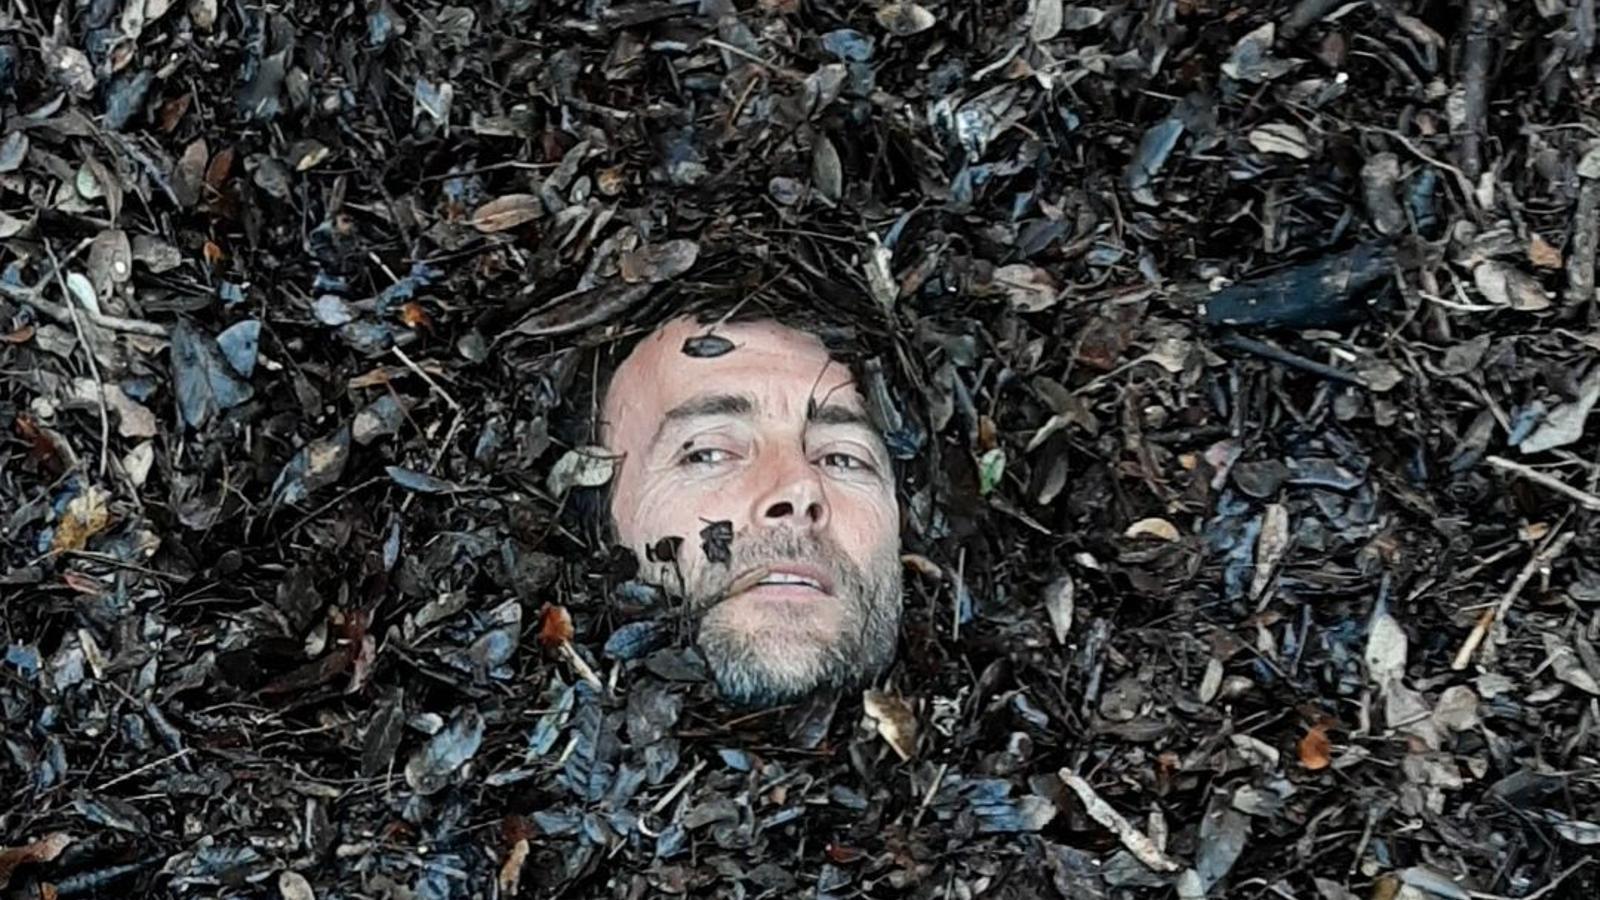 FotografiA promocional de 'Miquel Serra i amIcs'